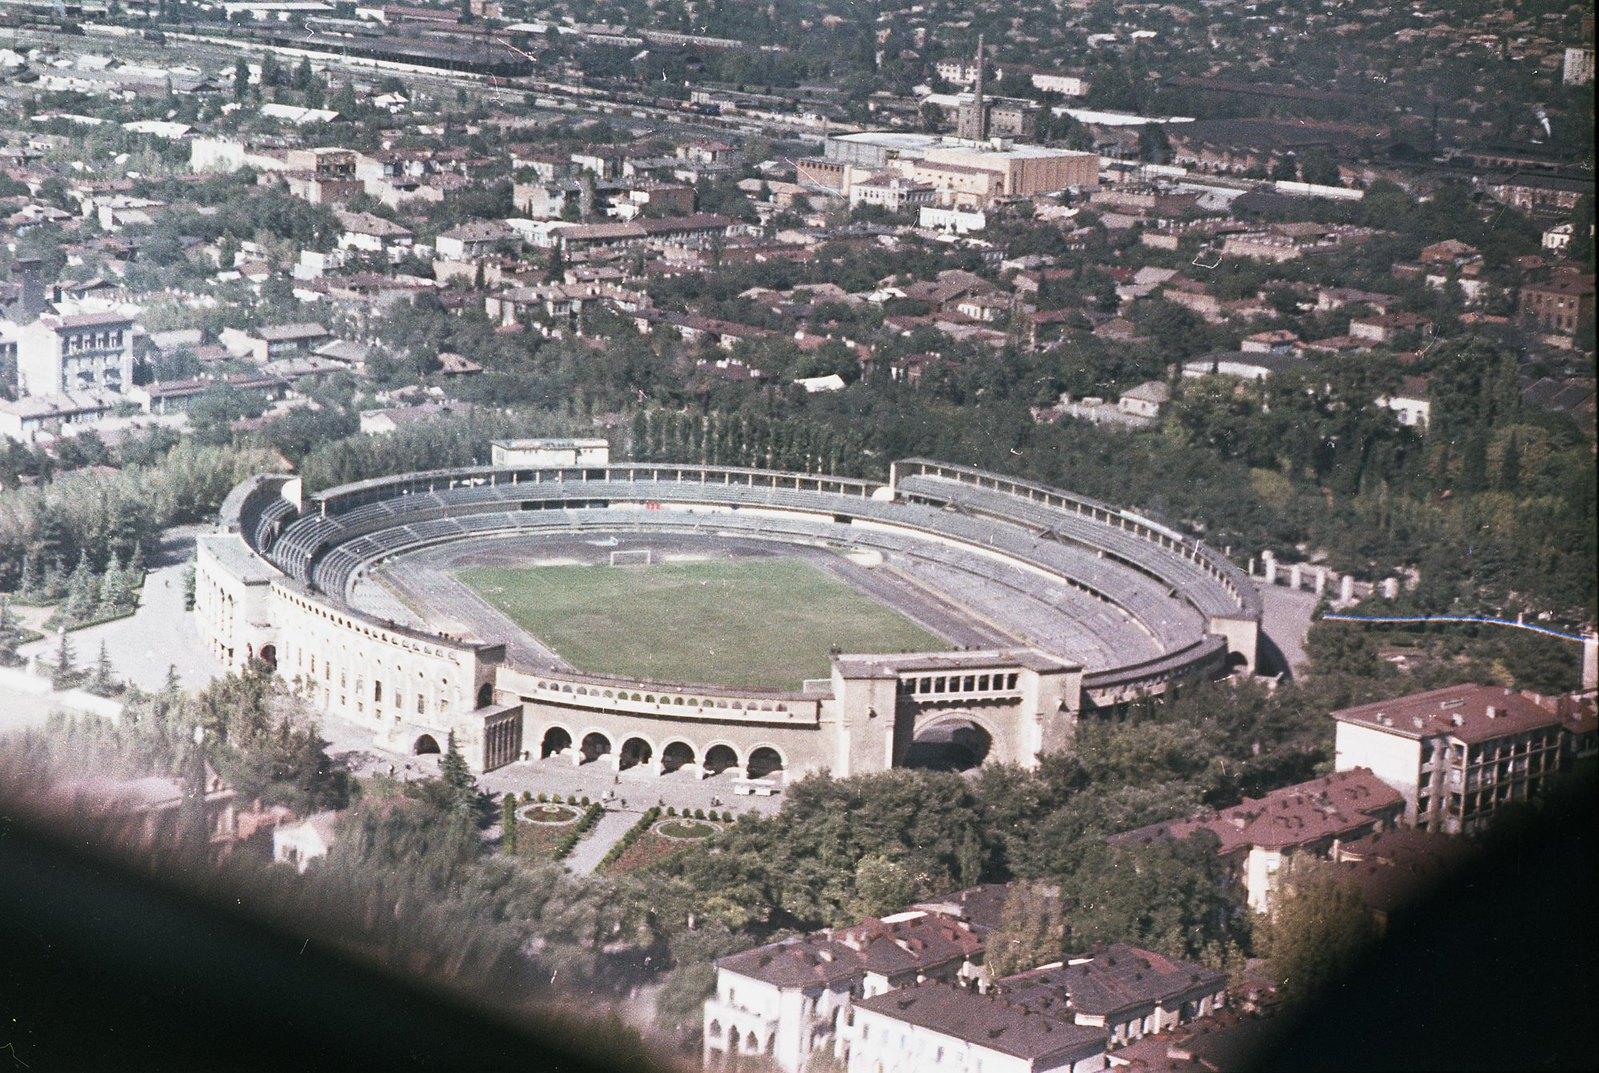 Тбилиси. Съёмка из вертолета. Стадион «Динамо». сентябрь-октябрь